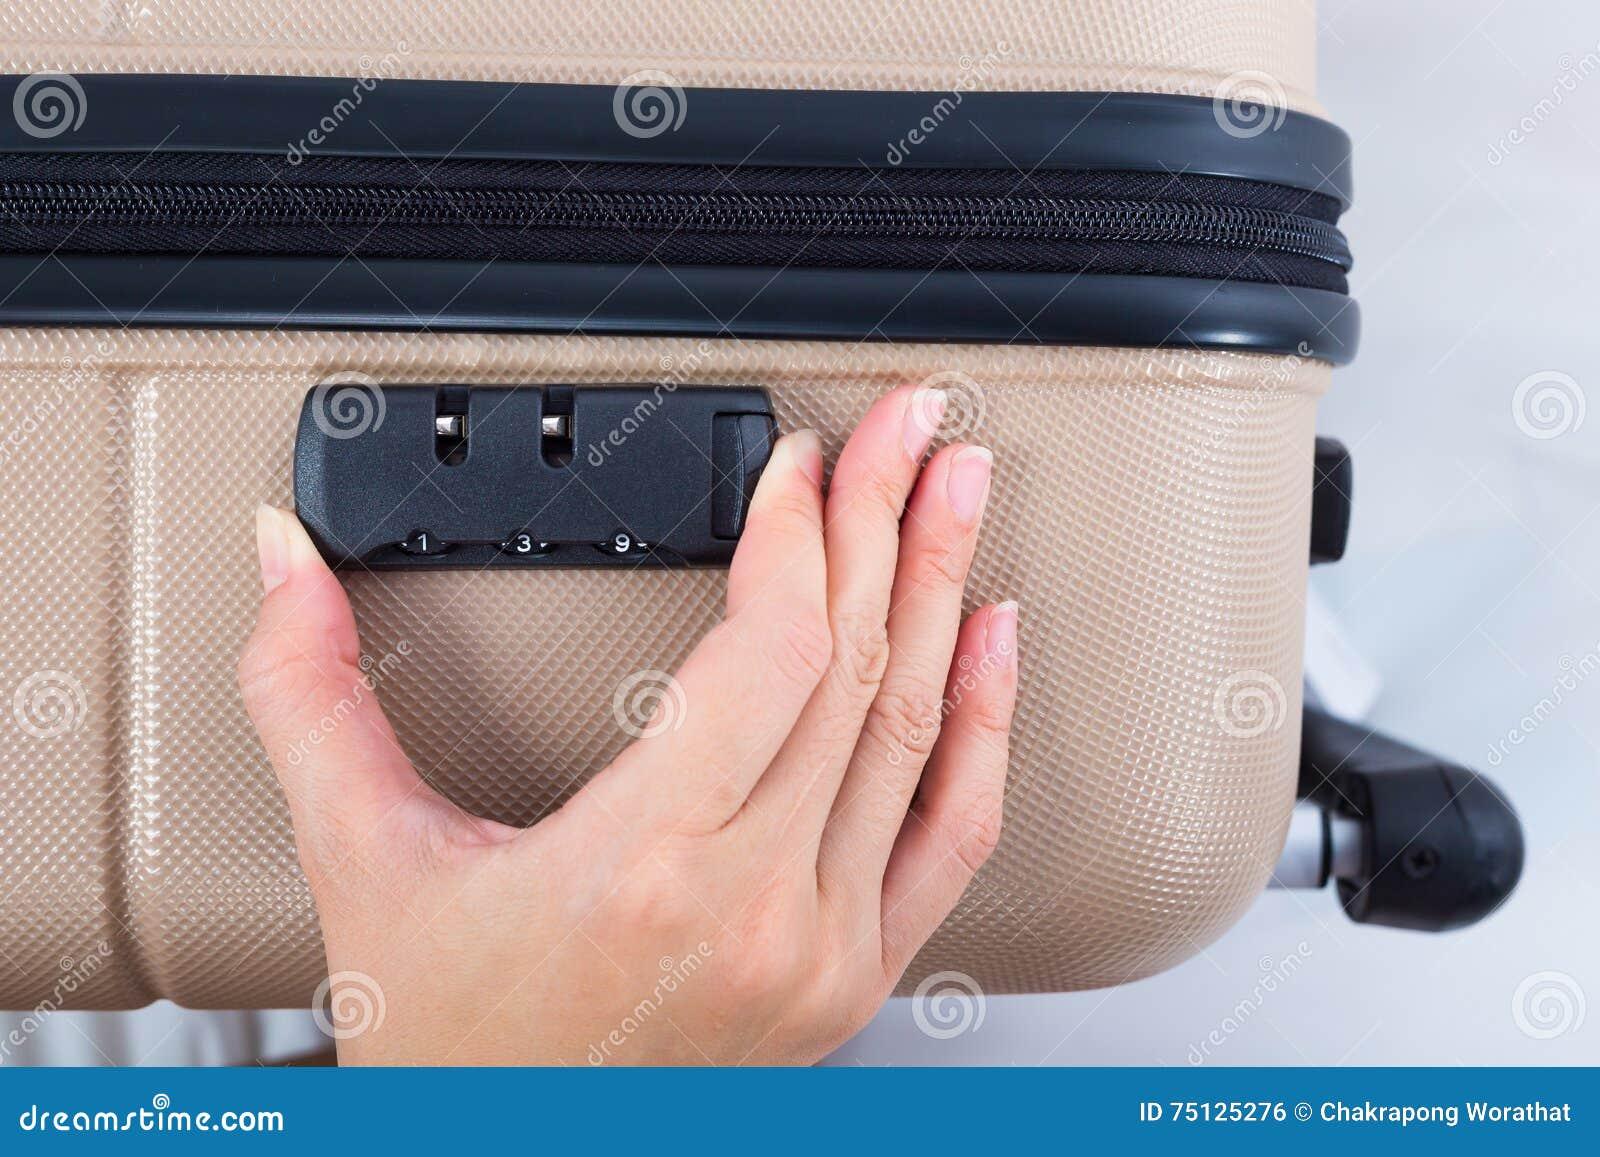 Bagaż torby kędziorka hasło na walizce, podróży pojęcie